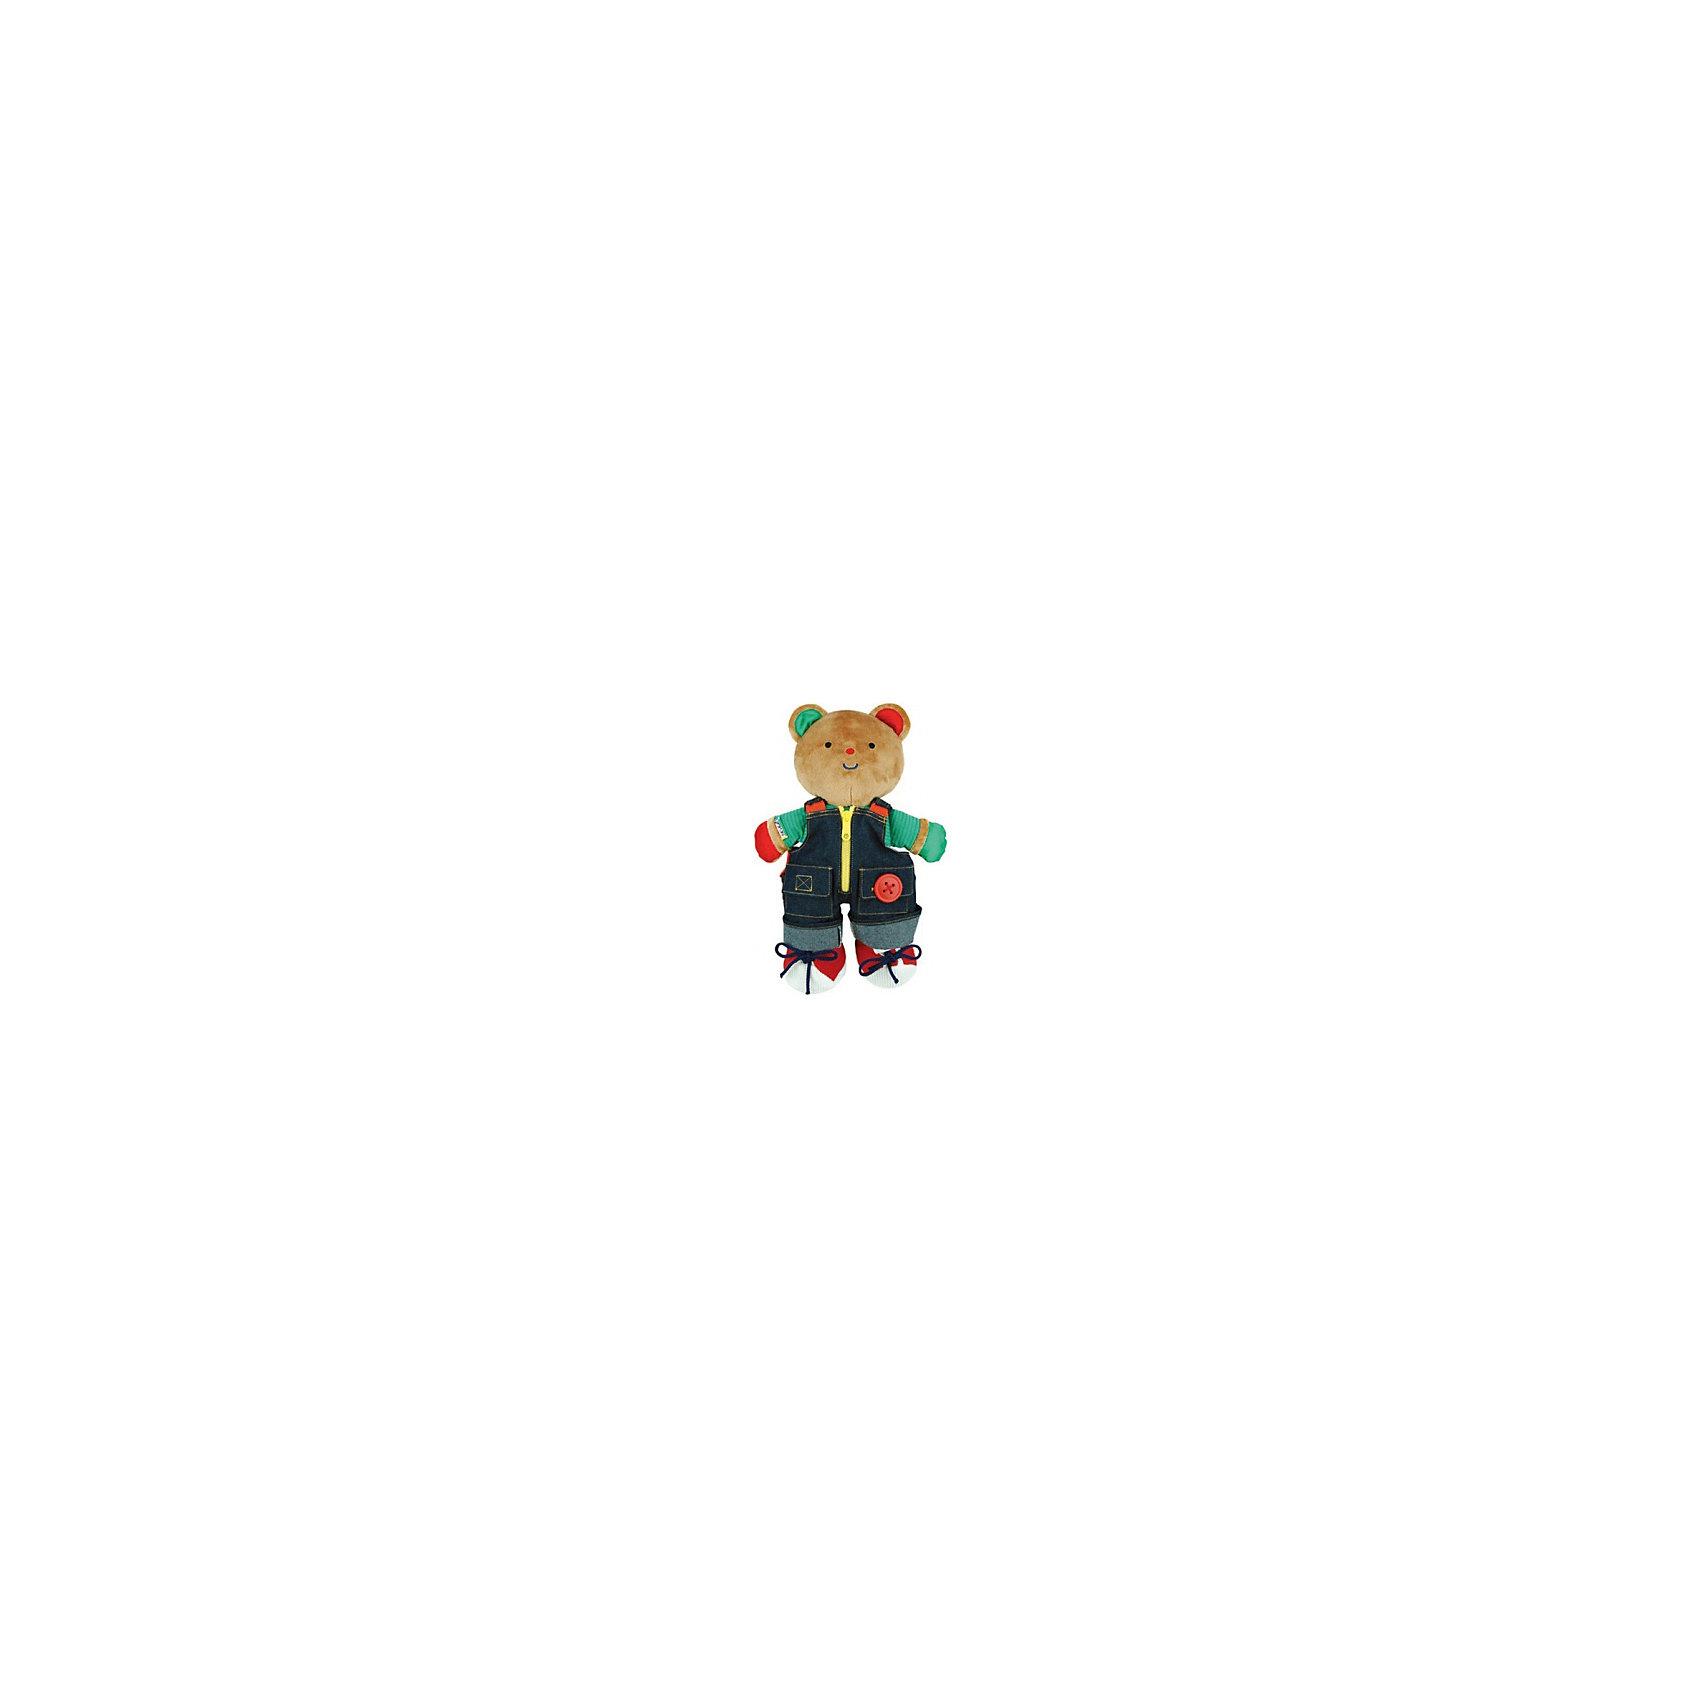 Медвежонок Teddy в одежде, Ks KidsМягкие игрушки<br>Медвежонок Teddy в одежде, Ks Kids (Кс Кидс) ? уникальная мягкая игрушка мирового бренда Кс Кидс. Медвежонок Teddy не просто станет самым любимым другом вашего малыша, он научит его аккуратности и опрятности в одежде. Медвежонок одет в модный джинсовый комбинезон, который украшен всеми возможными видами застежек: пуговица, замочек на молнии, липучка. Красивые ботиночки на лапах Teddy позволят научить малыша самому сложному процессу завязывания шнурков без слез и капризов! <br>Медвежонок Teddy в одежде, Ks Kids (Кс Кидс) ? это не только обучающая игрушка, это замечательная игрушка для сна. Вместе с медвежонком Teddy готовиться ко сну теперь можно будет без истерик, так как комбинезон у него съемный. Изготовленная из приятных на ощупь гипоаллергенных материалов эта мягкая игрушка от Кс Кидс подарит вашему ребенку спокойный сон. <br><br>Дополнительная информация:<br><br>- Вид игр: сюжетно-ролевые игры<br>- Предназначение: для дома, для детских садов, детских развивающих центров<br>- Материал: ткань<br>- Размер: высота мишки 34 см <br>- Вес: 400 г<br>- Комплектация: съемный комбинезон и ботиночки<br>- Особенности ухода: ручная стирка или машинная на режиме деликатной стирки <br><br>Подробнее:<br><br>• Для детей в возрасте: от 1 года до 3 лет<br>• Страна производитель: Китай<br>• Торговый бренд: Ks Kids (Кс Кидс)<br><br>Медвежонка Teddy в одежде Ks Kids (Кс Кидс) можно купить в нашем интернет-магазине.<br><br>Ширина мм: 260<br>Глубина мм: 75<br>Высота мм: 340<br>Вес г: 680<br>Возраст от месяцев: 12<br>Возраст до месяцев: 36<br>Пол: Унисекс<br>Возраст: Детский<br>SKU: 4790445